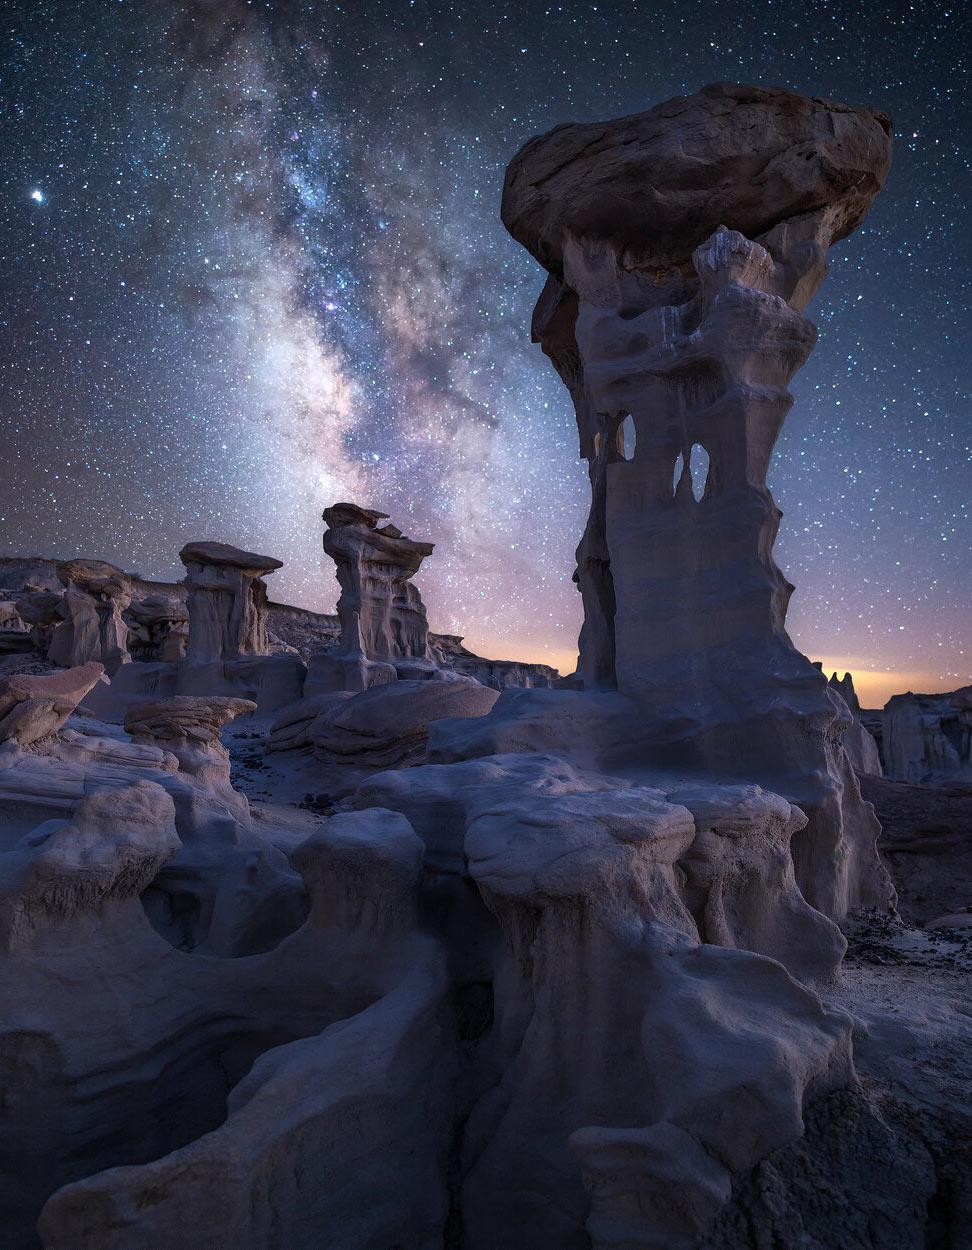 Млечный путь в Нью-Мексико